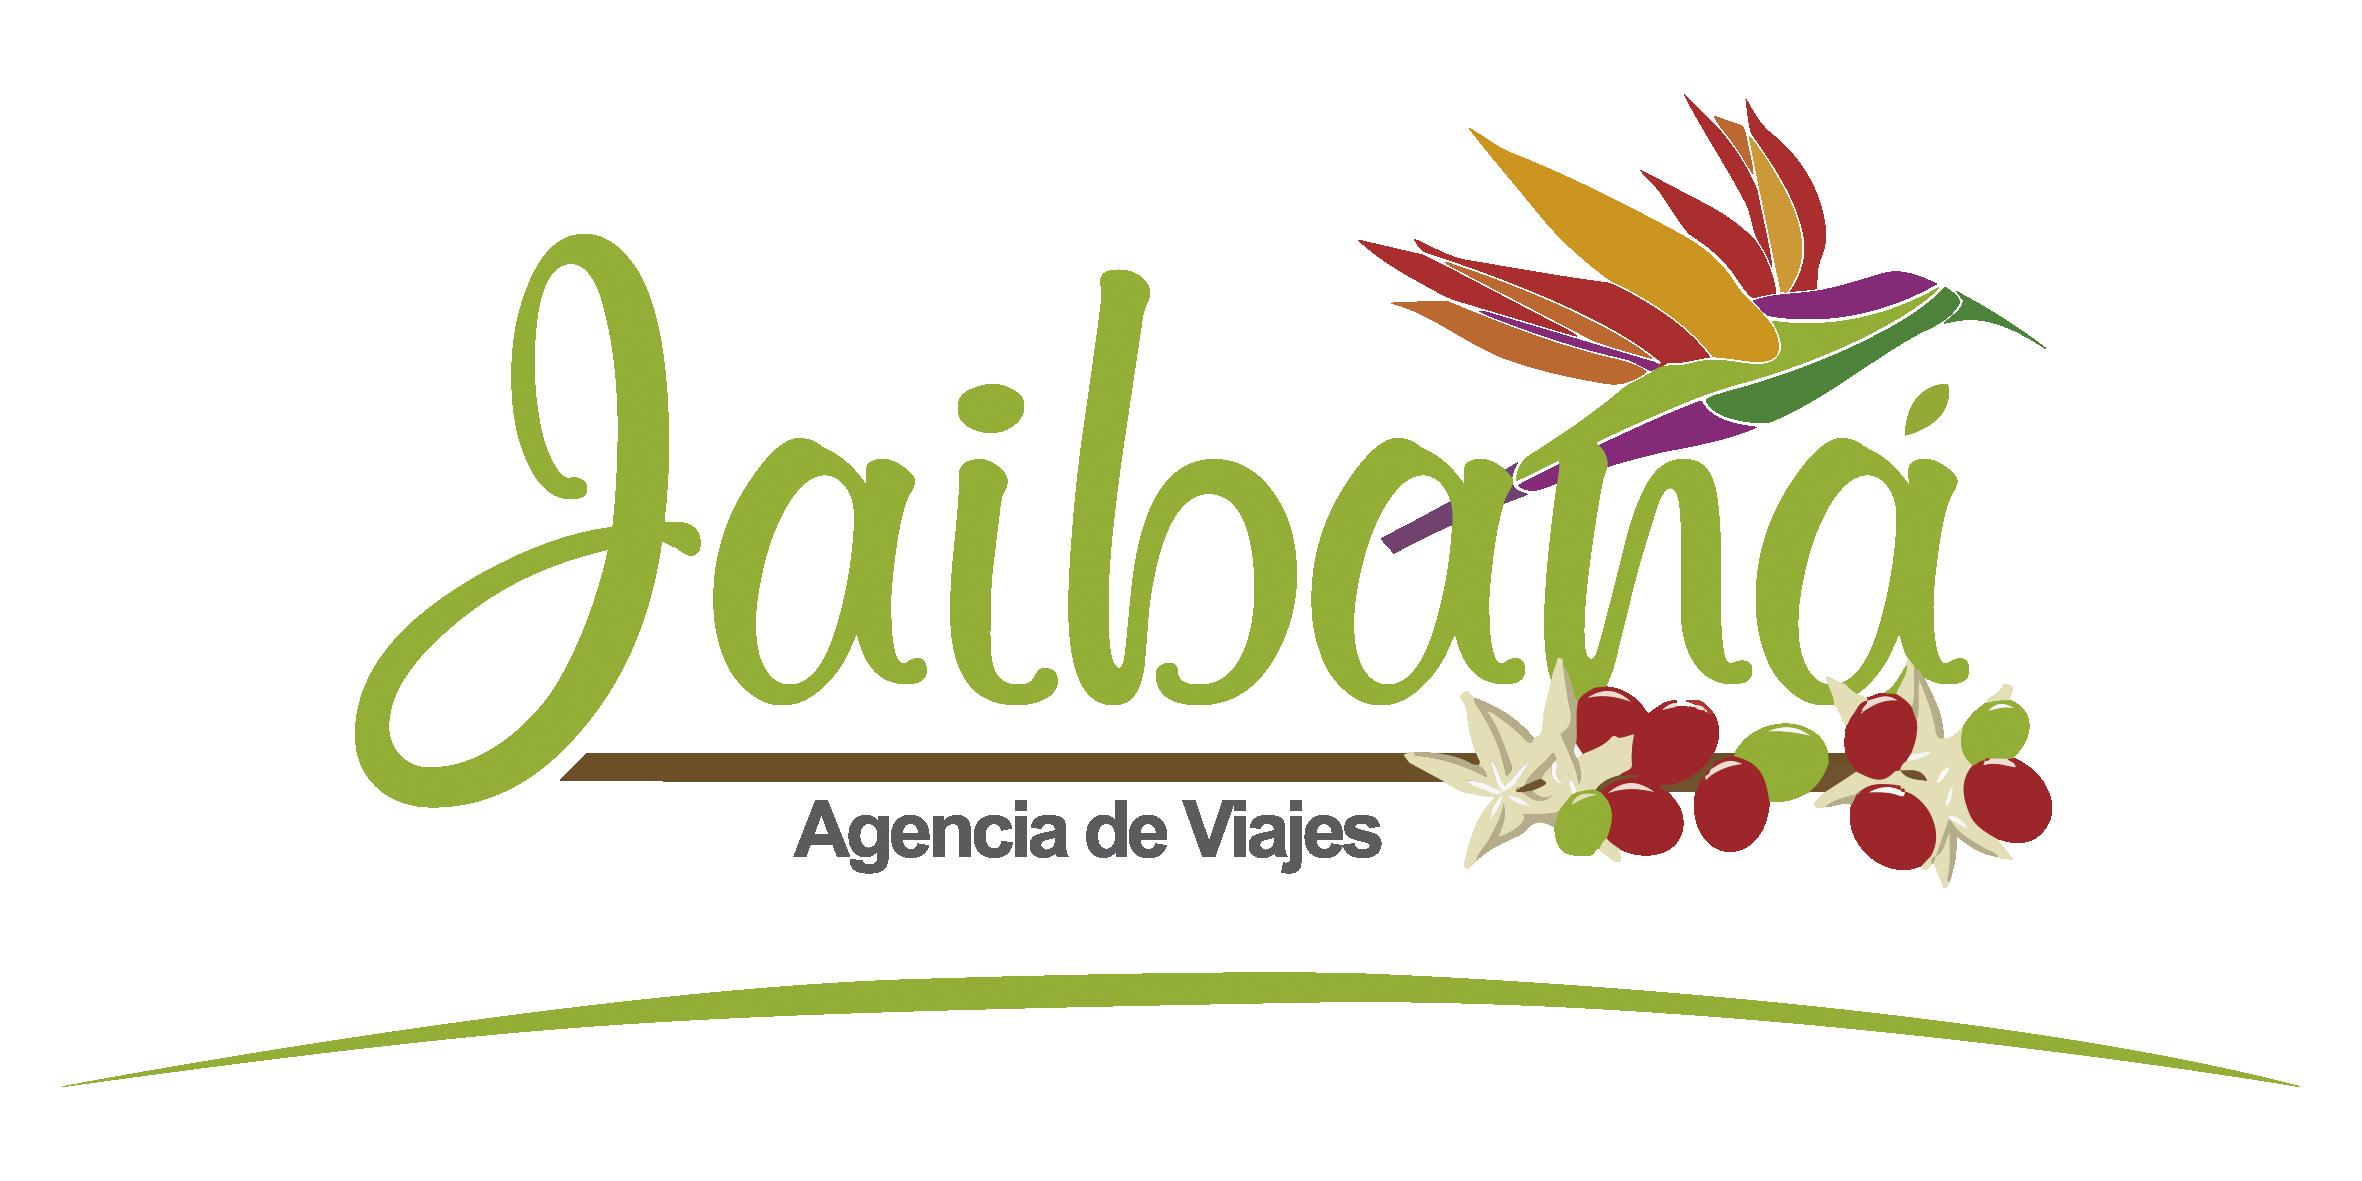 Turismojaibana Tiquetes baratos a cualquier destino. Reserva y compra tiquetes aéreos, cuartos de hoteles, autos, cruceros y paquetes turísticos en línea